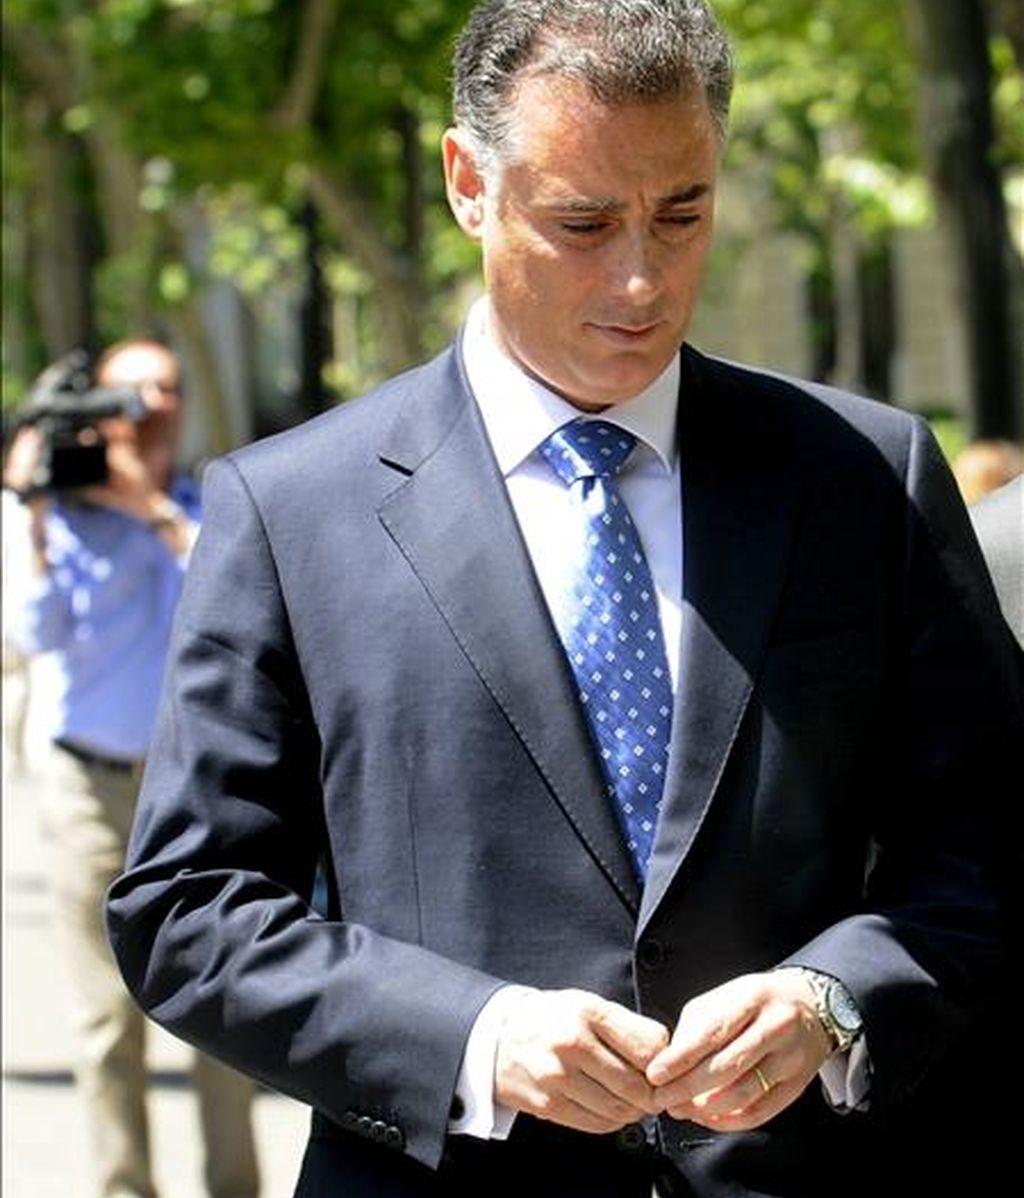 El ex consejero de Deportes Alberto López Viejo a su salida del Tribunal Superior de Justicia de Madrid (TSJM), donde prestó declaración ante el magistrado Antonio Pedreira, que instruye el caso caso Gürtel, el pasado 7 de mayo. EFE/Archivo